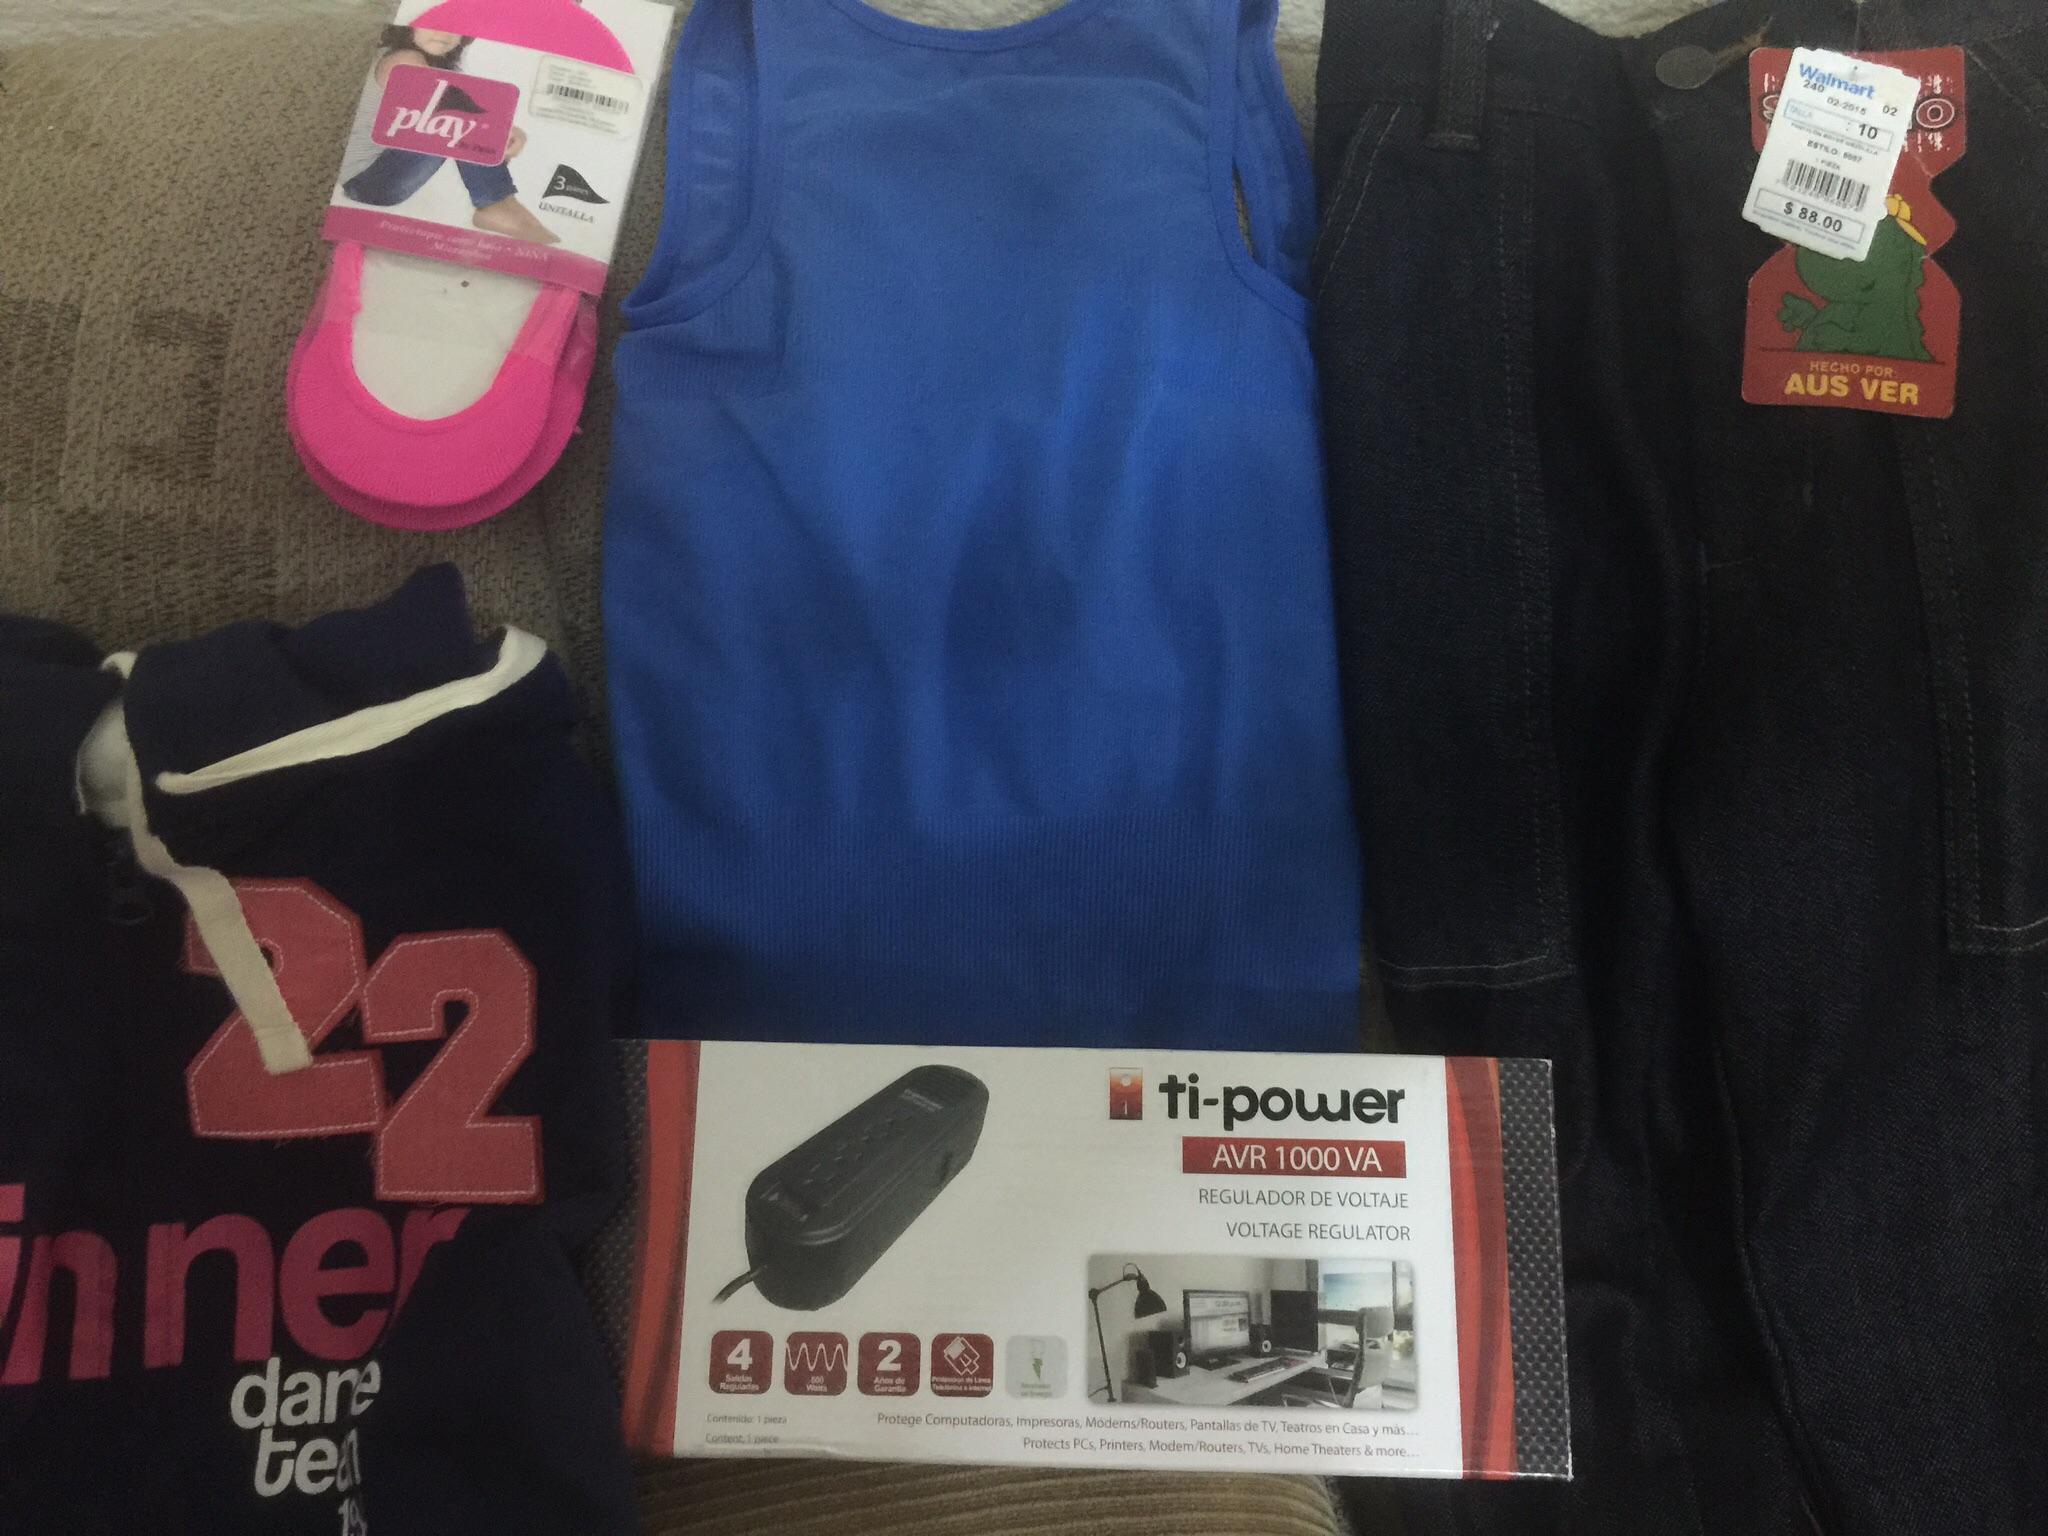 Walmart: Sudadera $90.02 Regulador $19.04 y pantalón de niño $0.01